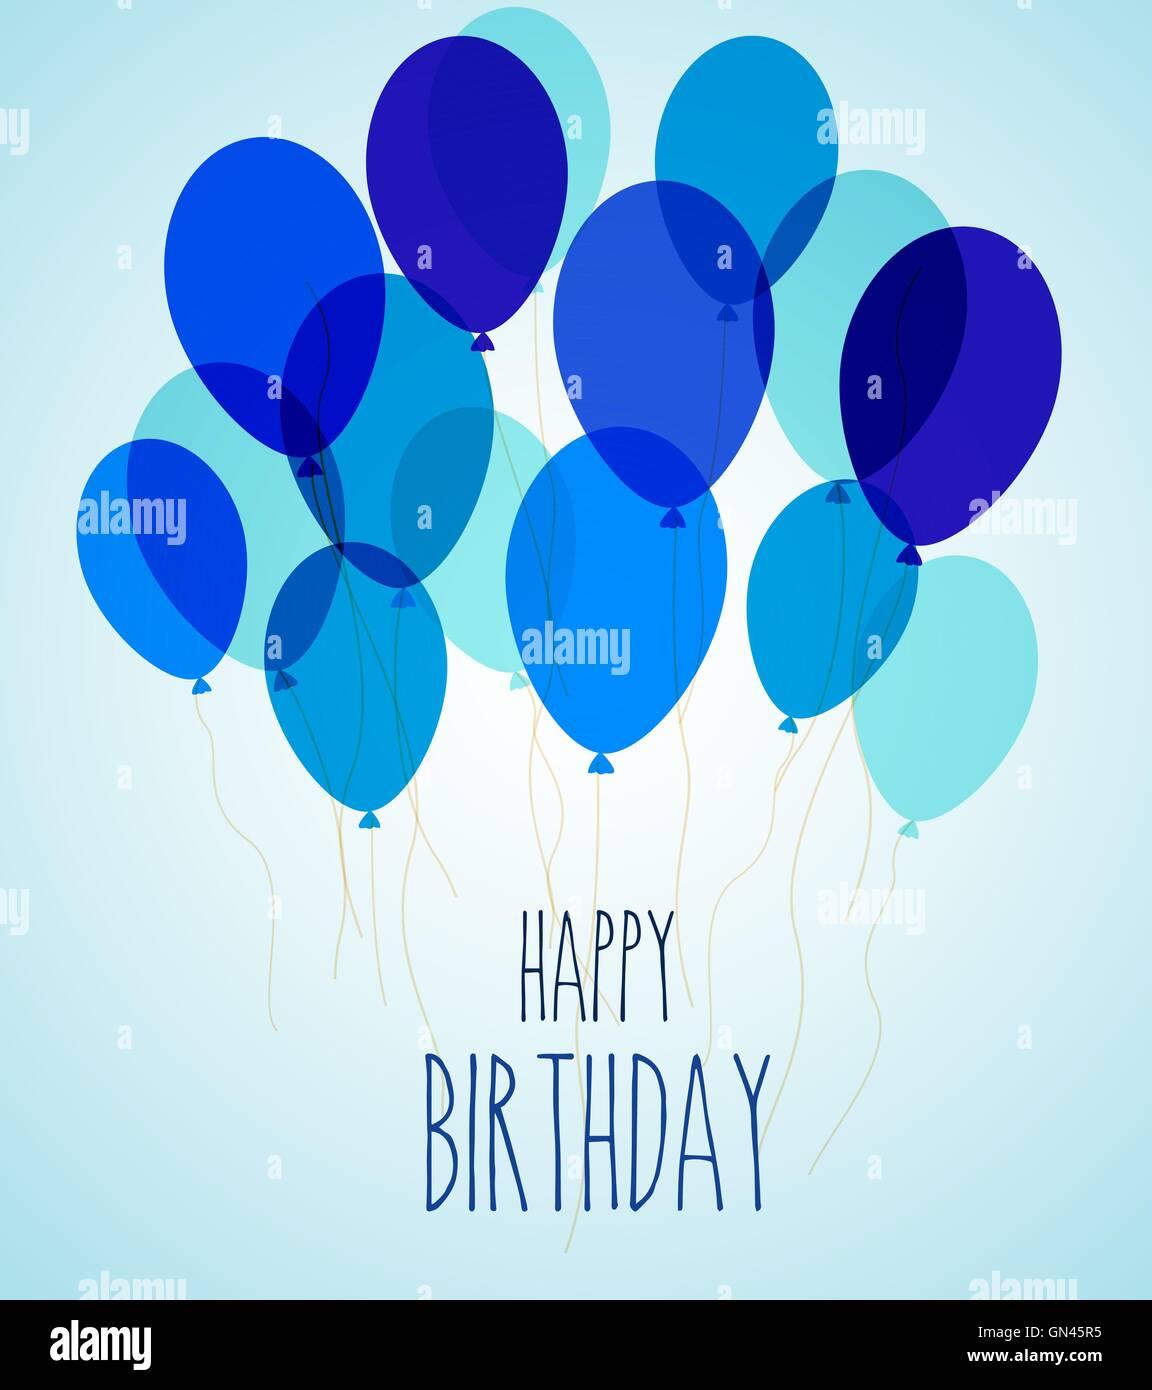 Fiesta de cumpleaños globos en azul Imagen De Stock